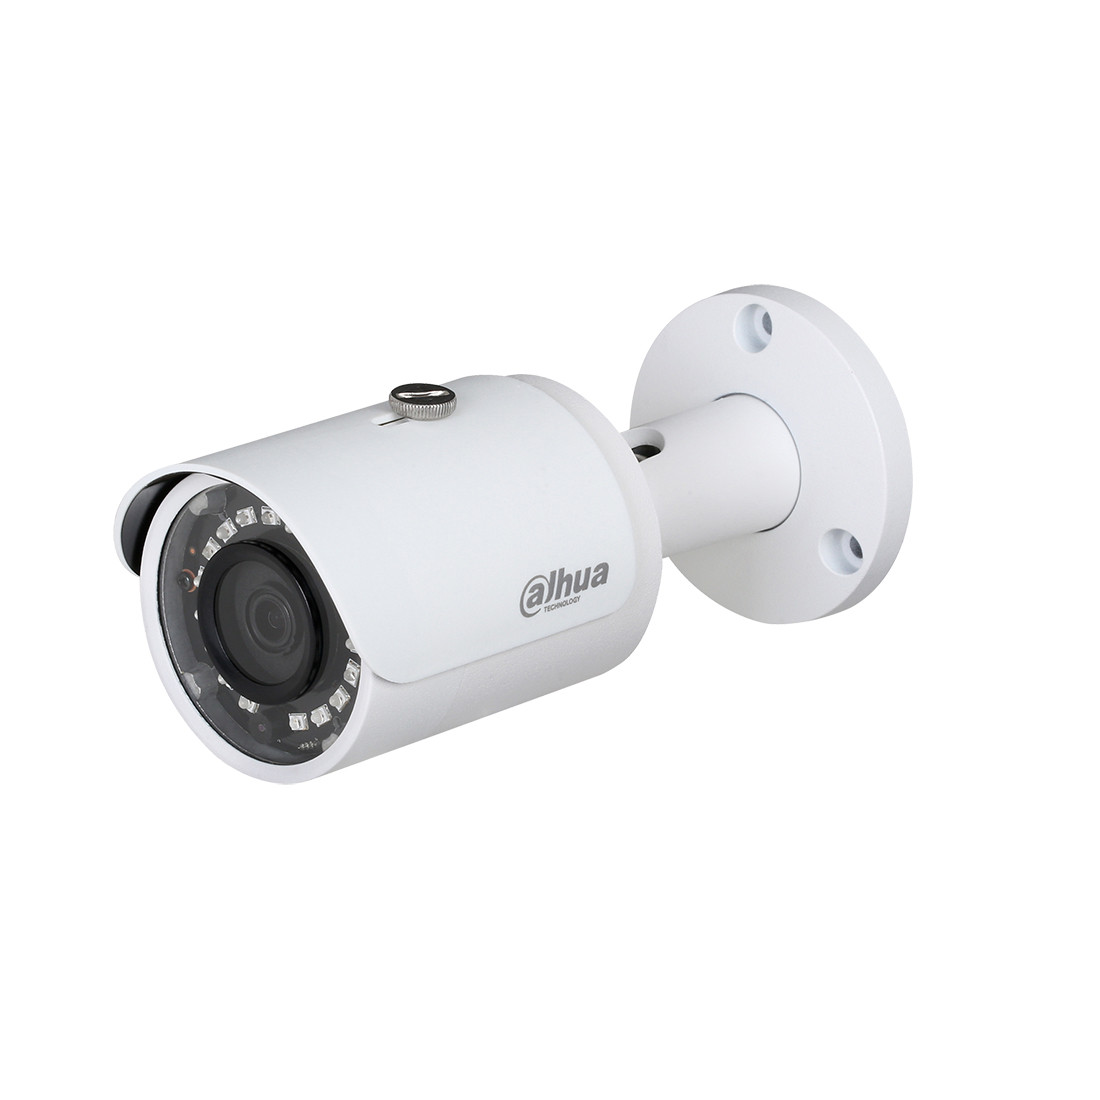 Цилиндрическая видеокамера Dahua DH-IPC-HFW1020S-0360B